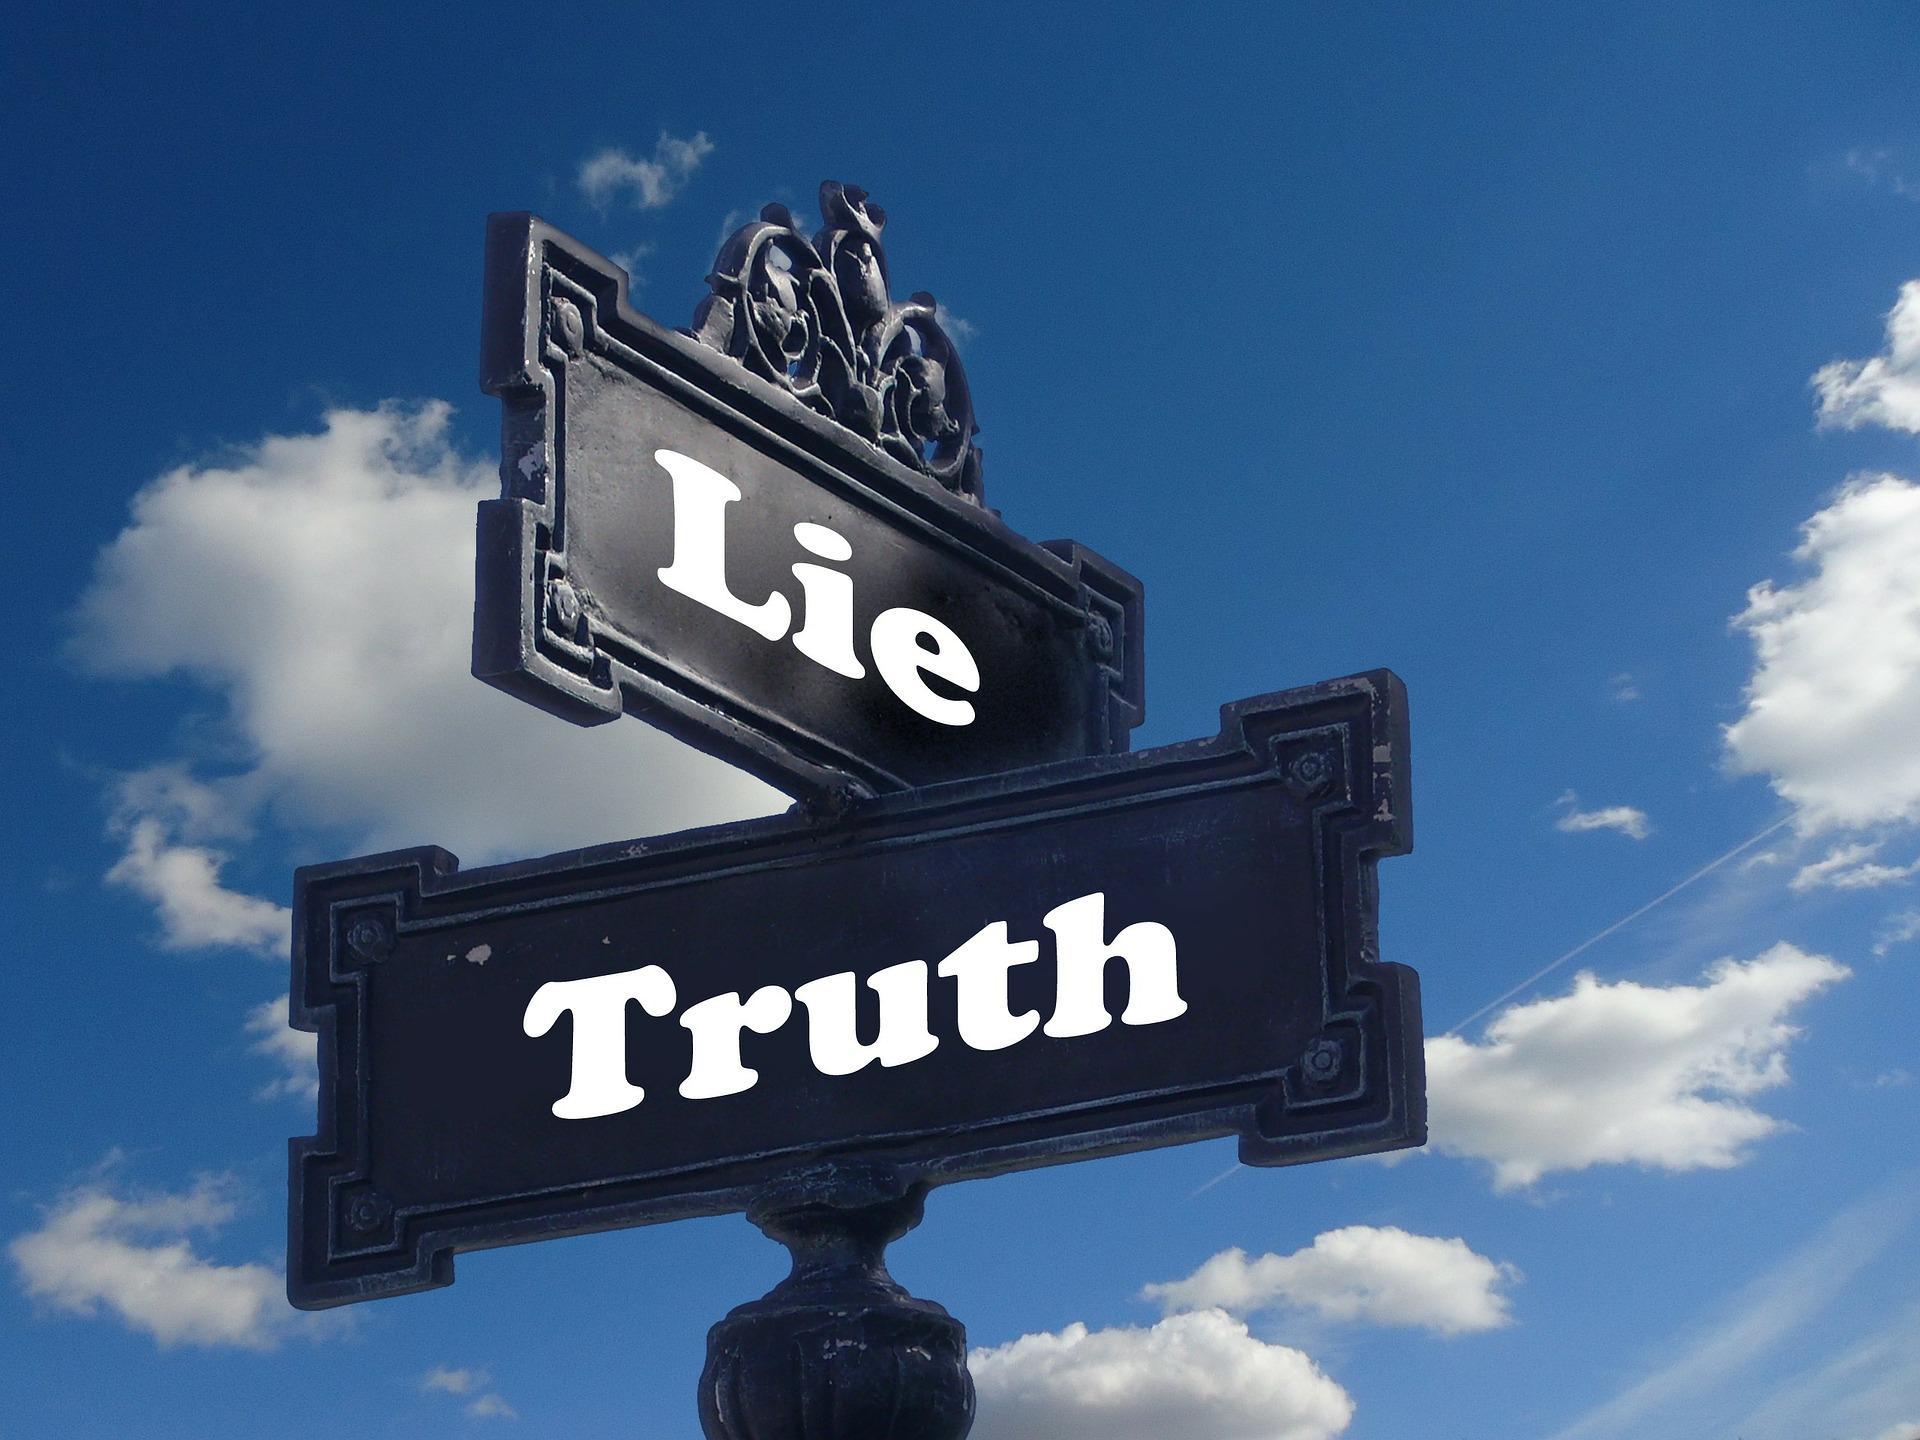 Αληθινά ψέματα.